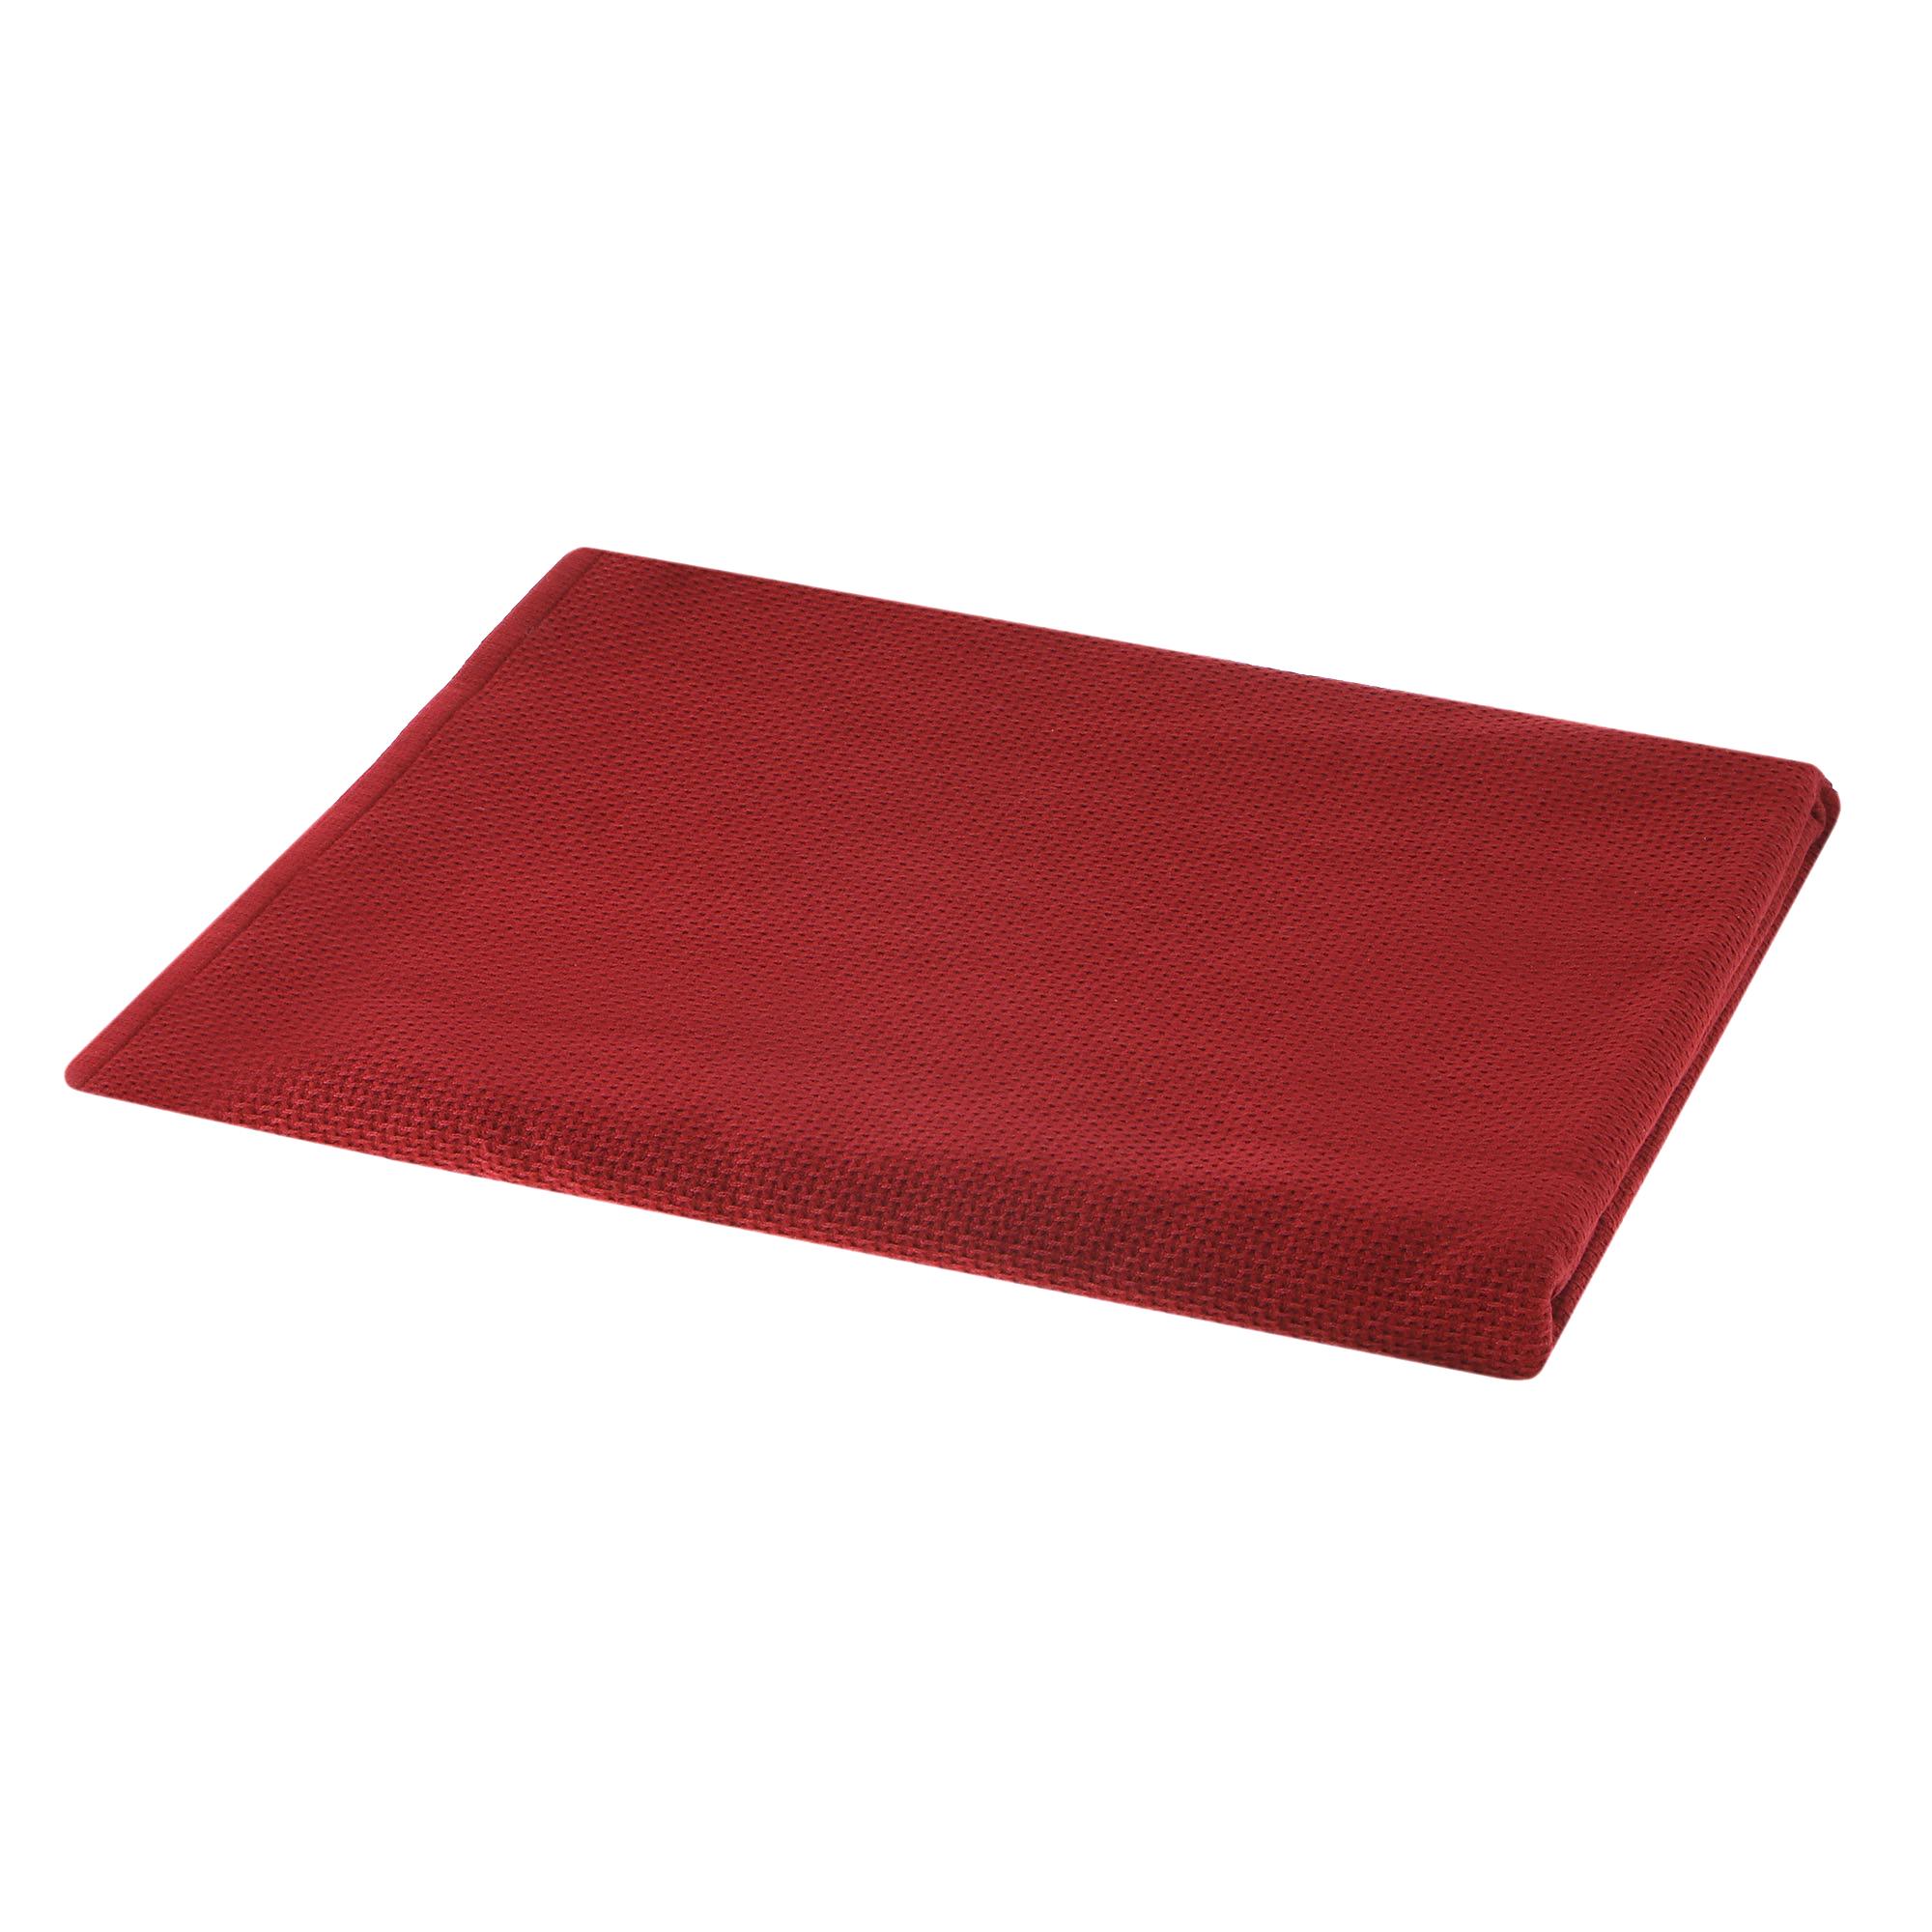 Фото - Полотенце двухстороннее Asil 100x150 d.red полотенце valentini 100x150 aqua 1228